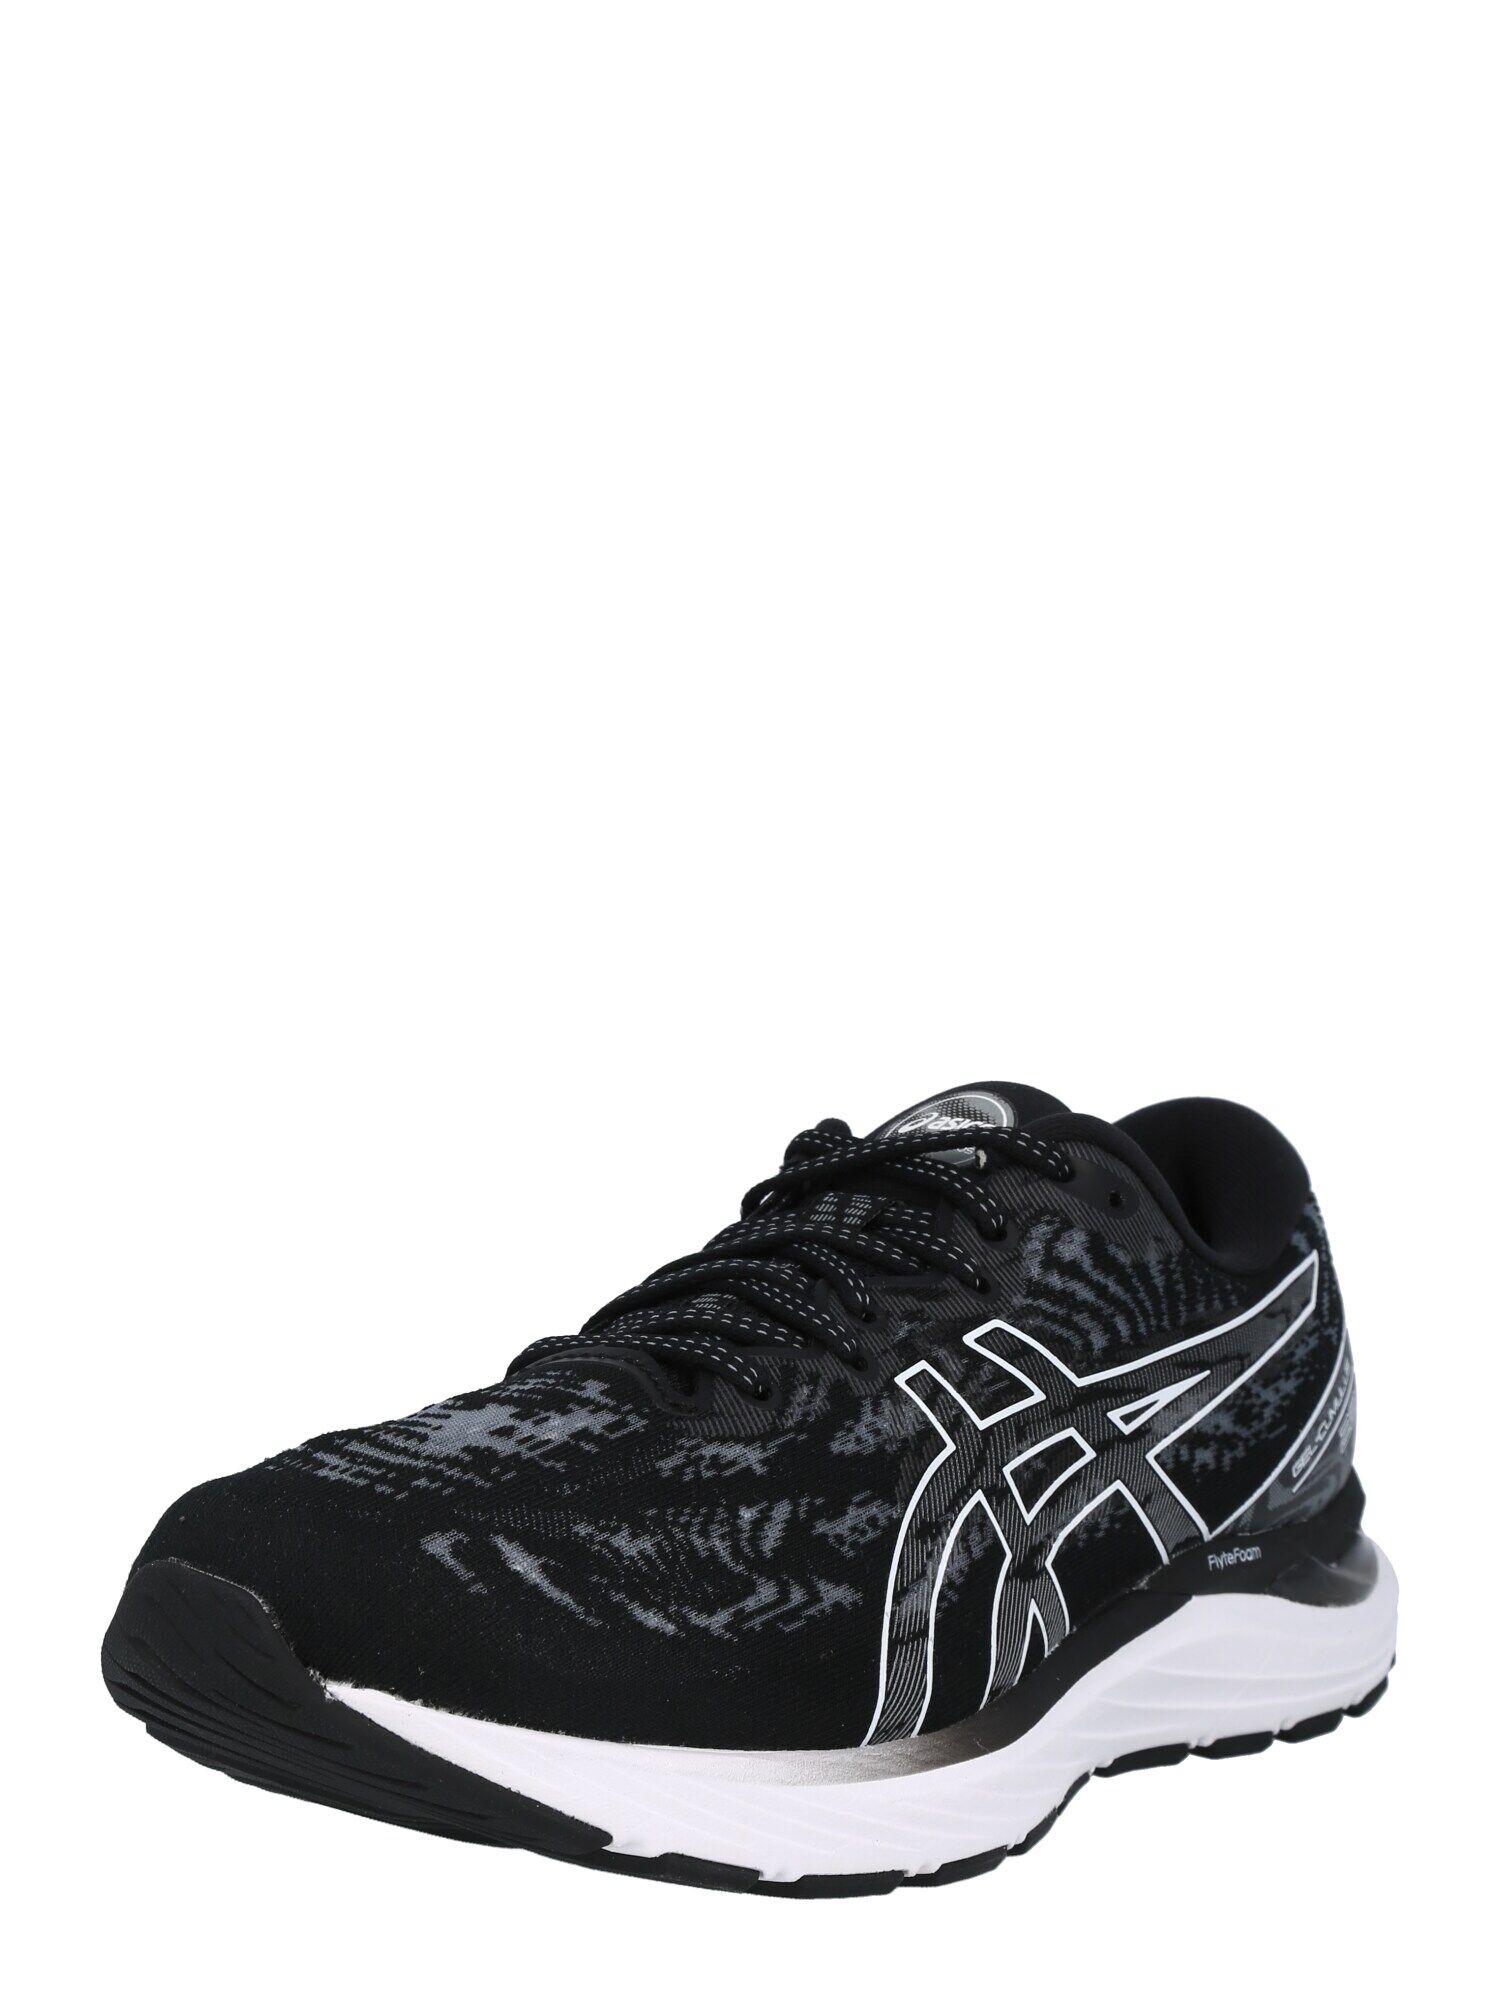 Asics Chaussure de course  - Noir - Taille: 43 - male